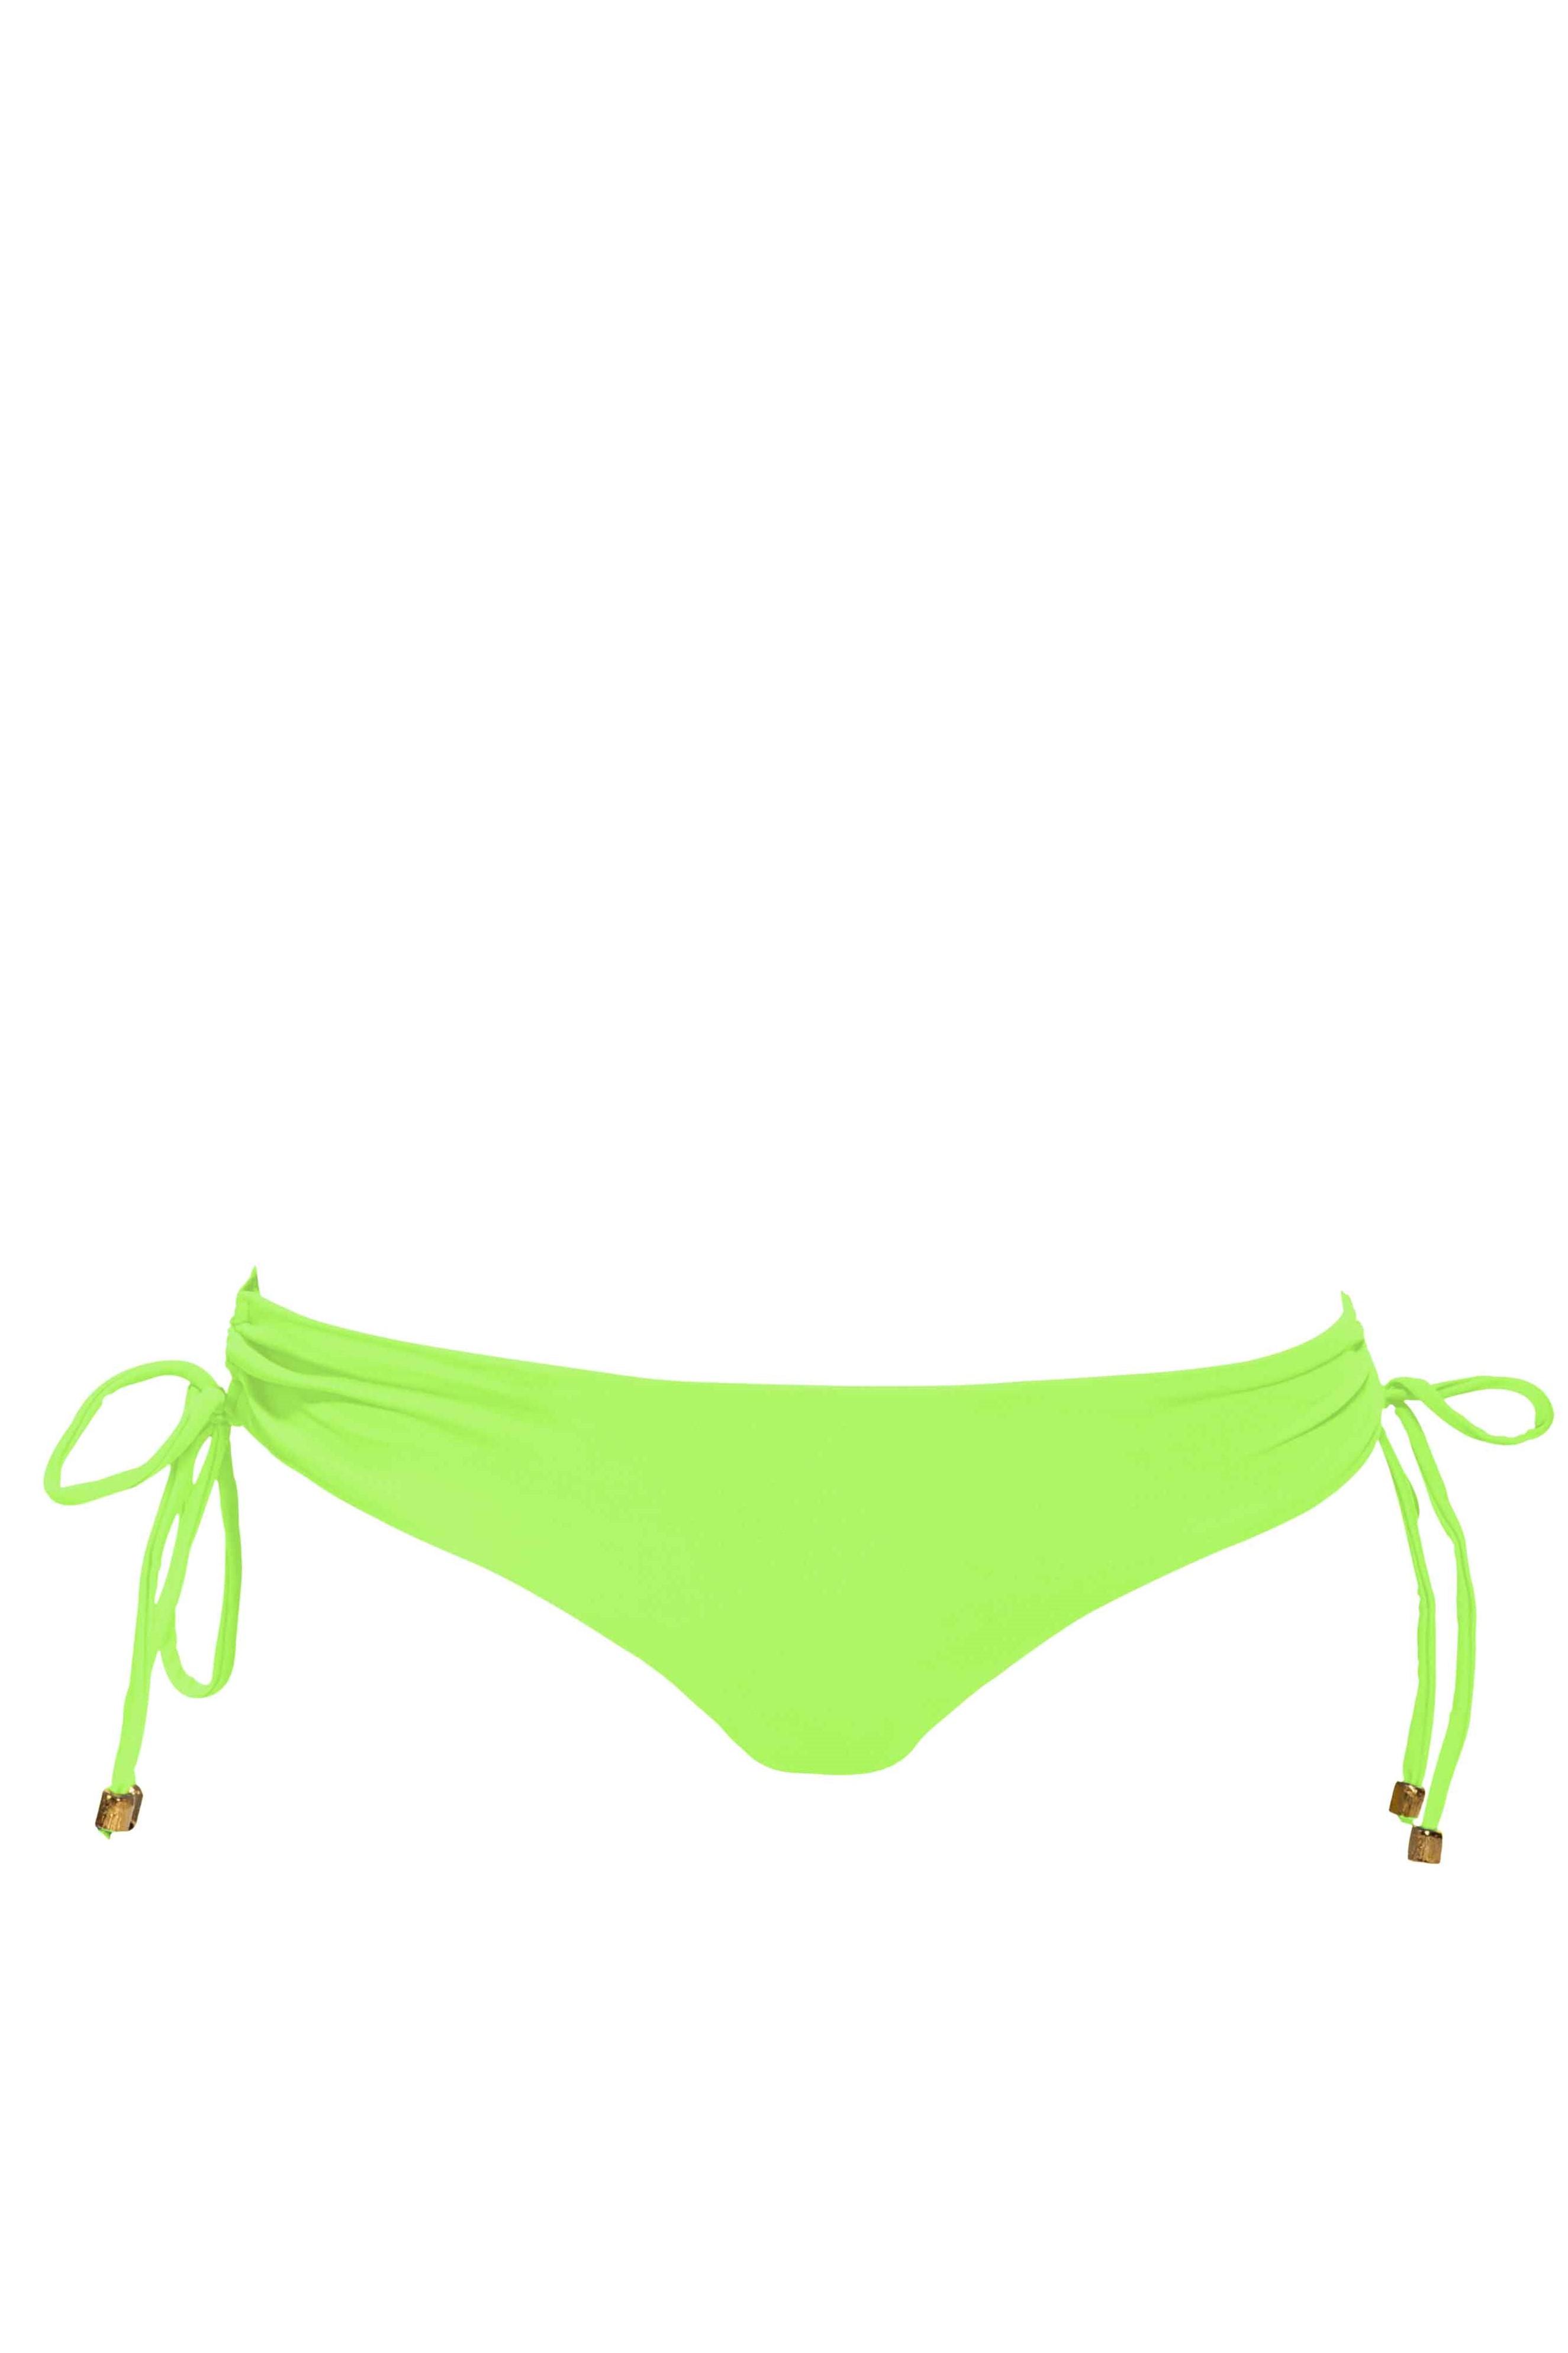 Phax Color Mix Cheeky Broekje Neon Green-extralarge-Neon Groen